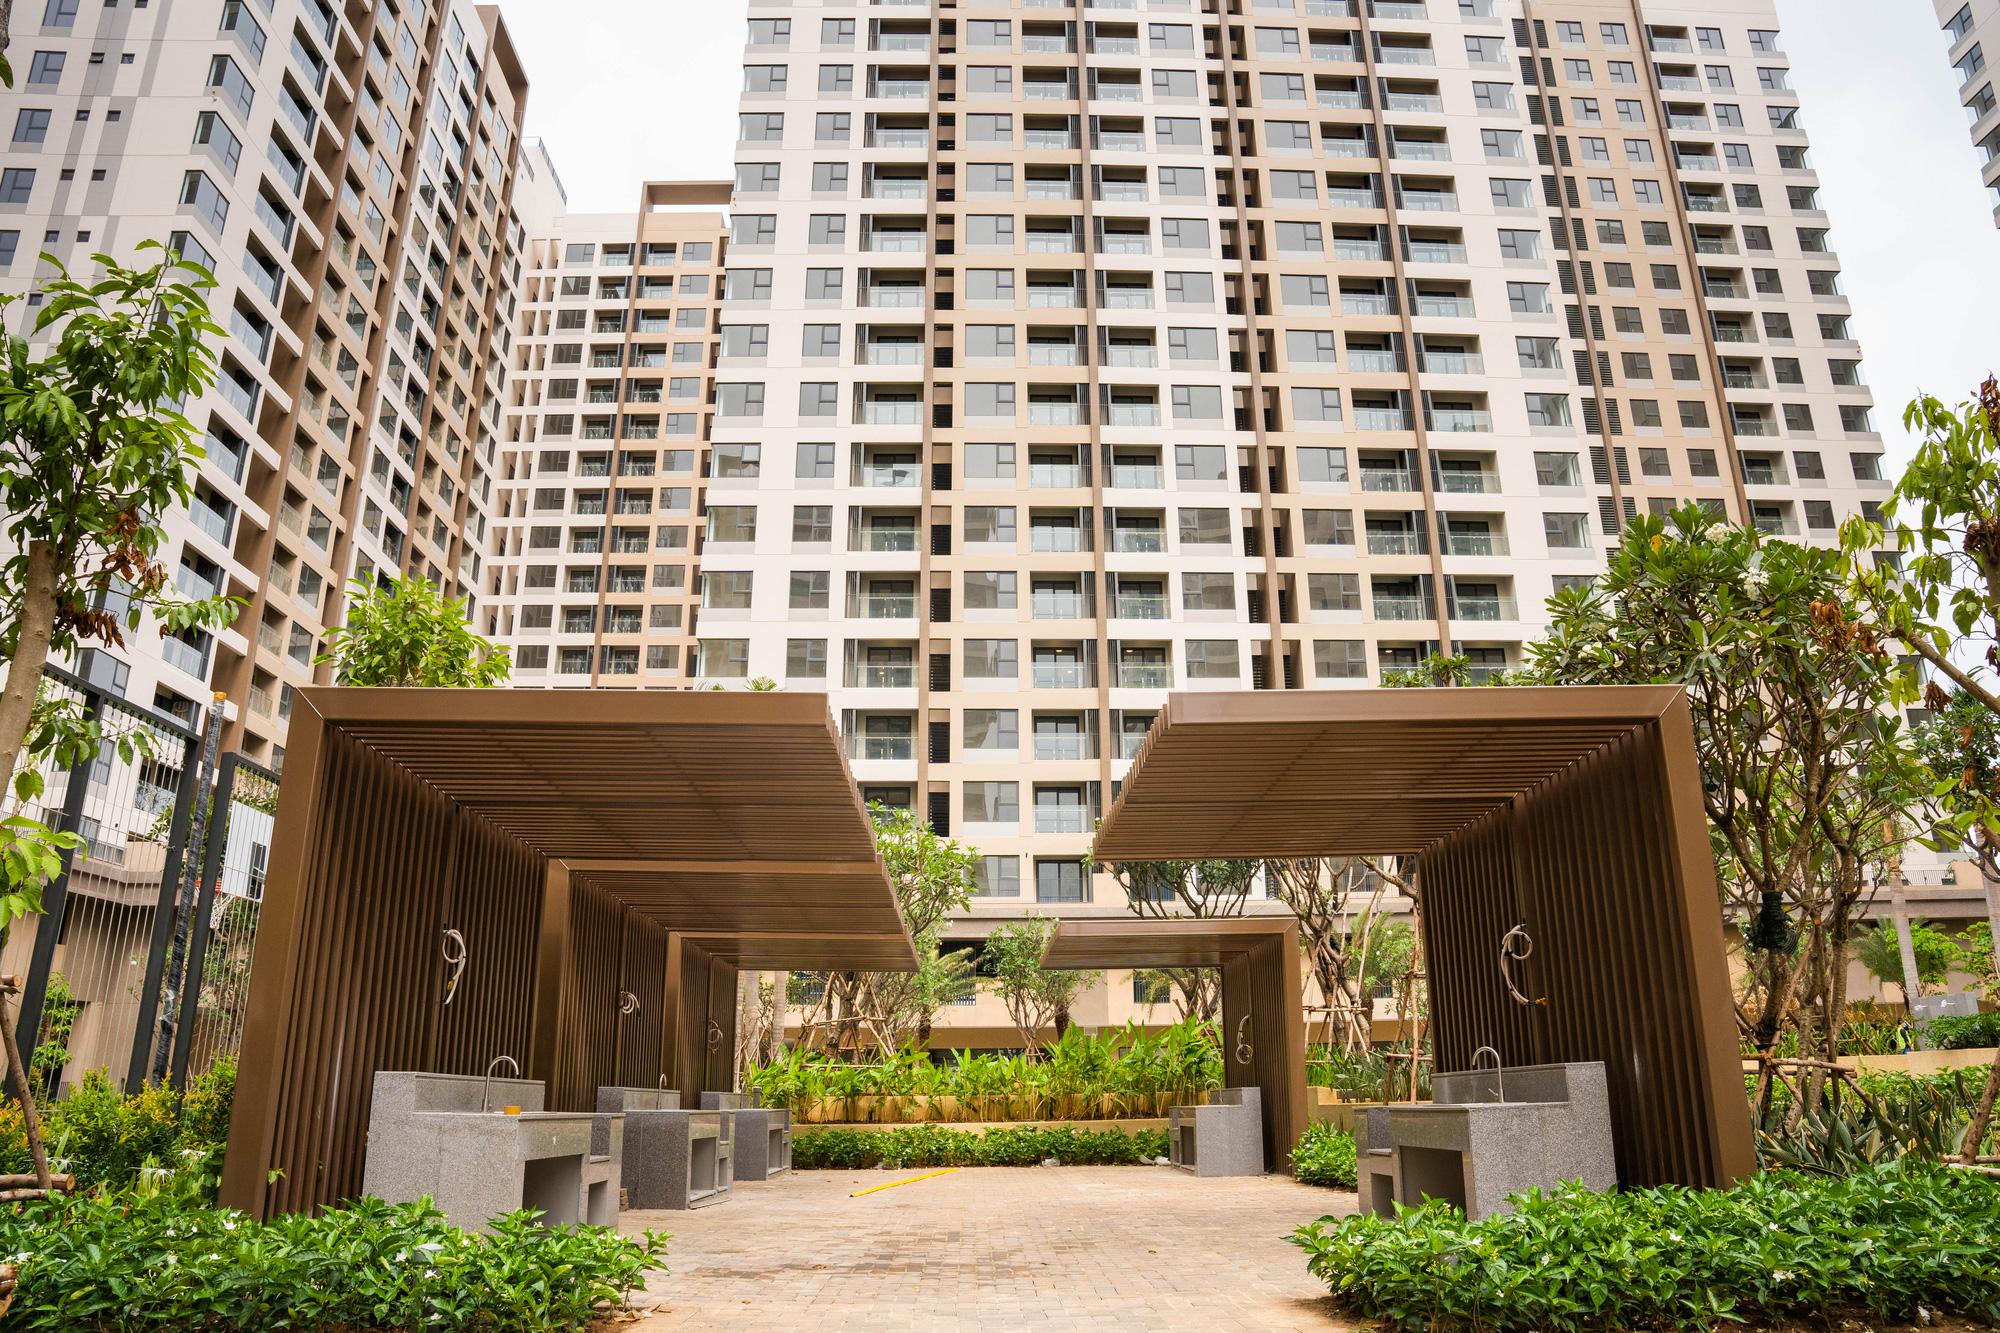 Căn hộ trung cấp tiếp tục hấp thụ tốt trên thị trường bất động sản - Ảnh 1.